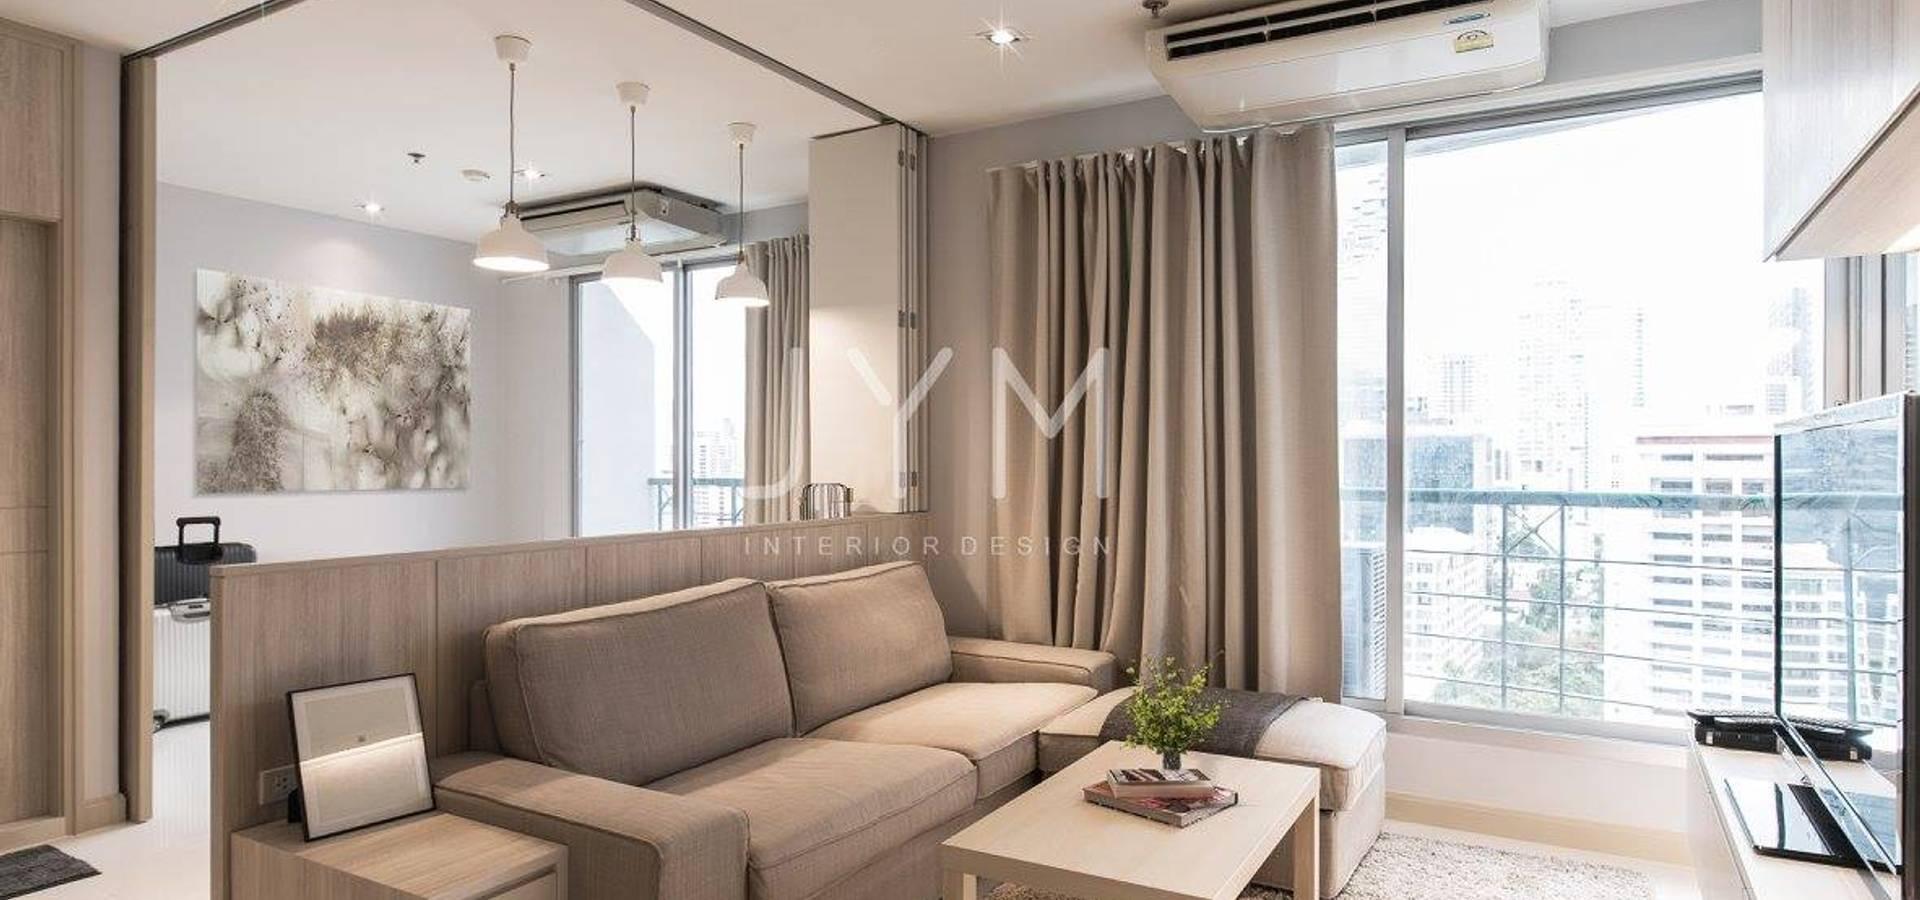 JYM interiordesign